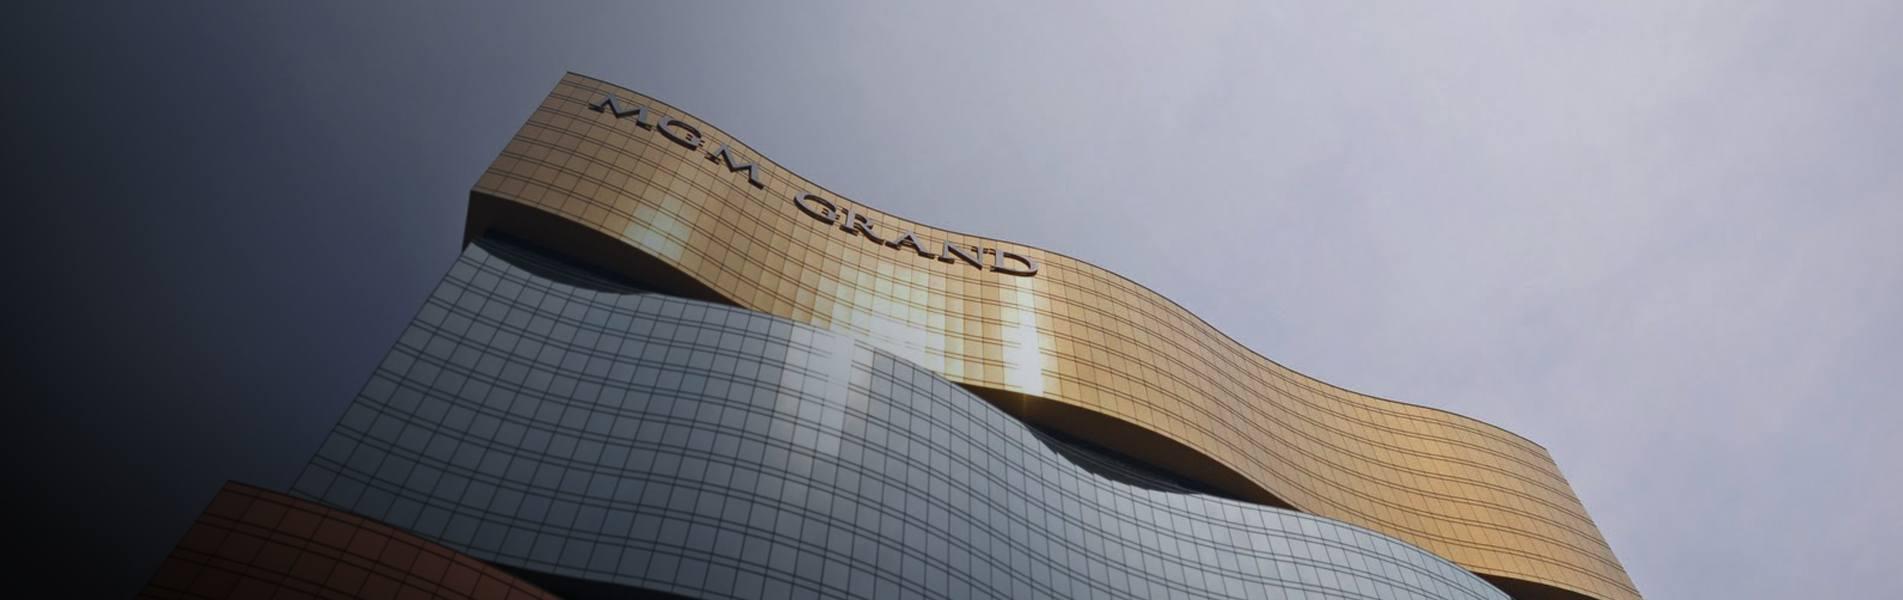 MGM Macau Casino 1